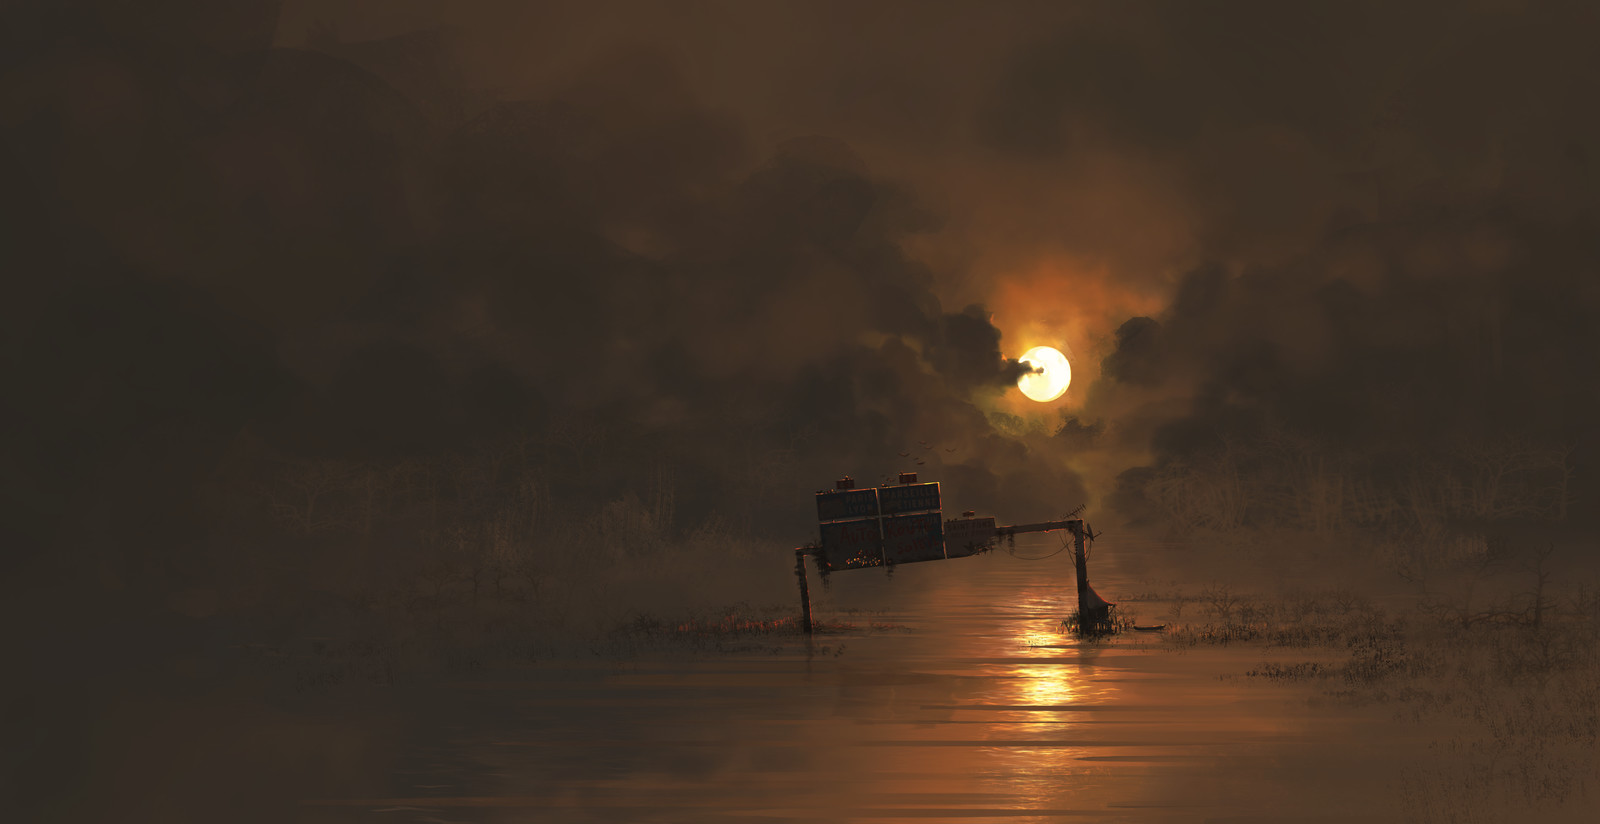 L'Autoroute du soleil (Highway of the sun)